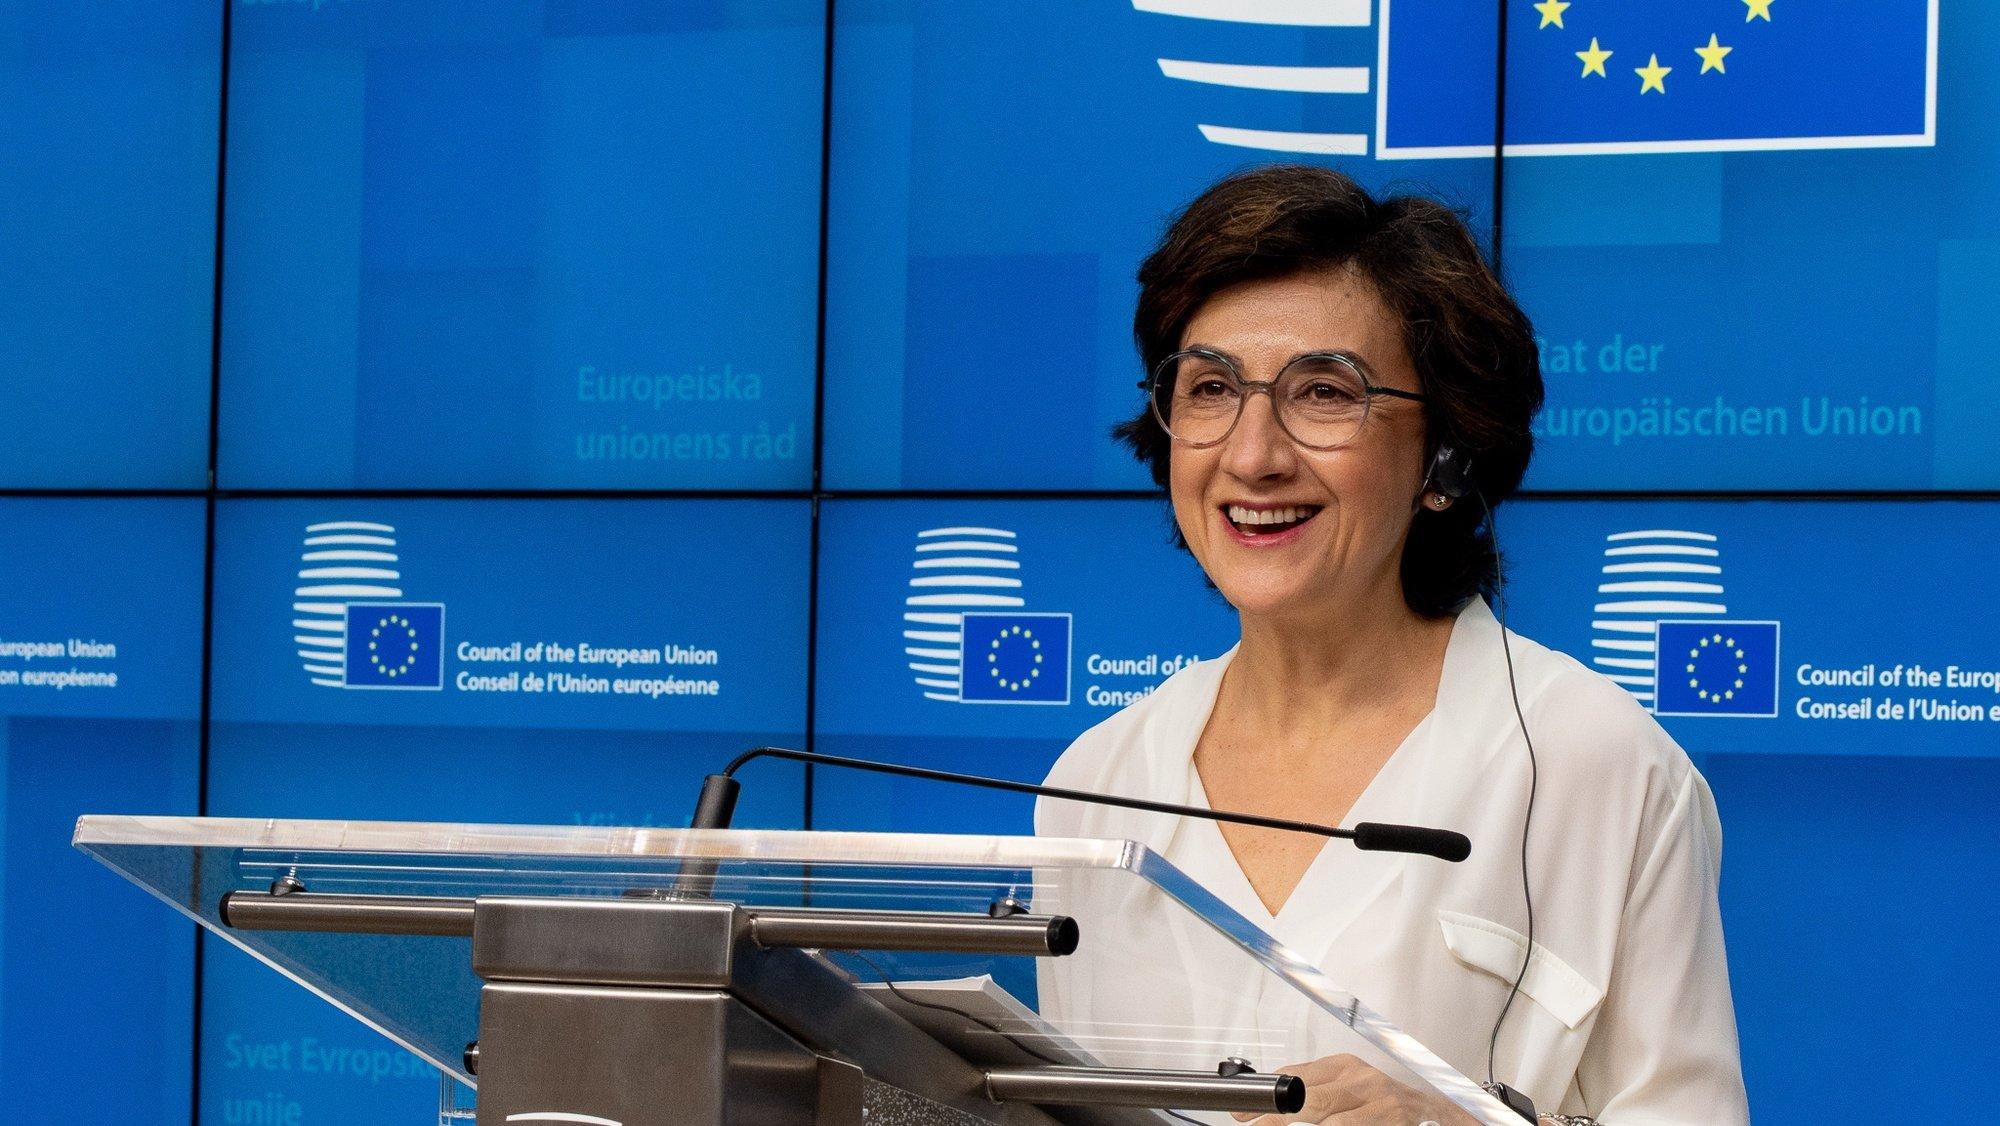 A ministra da Agricultura de Portugal, Maria do Céu Antunes, durante a conferência de imprensa após negociações entre a Conselho da União Europeia e o Parlamento Europeu sobre a reforma Política Agrícola Comum (PAC), em Bruxelas, Bélgica, 28 de maio de 2021. TONY DA SILVA/LUSA